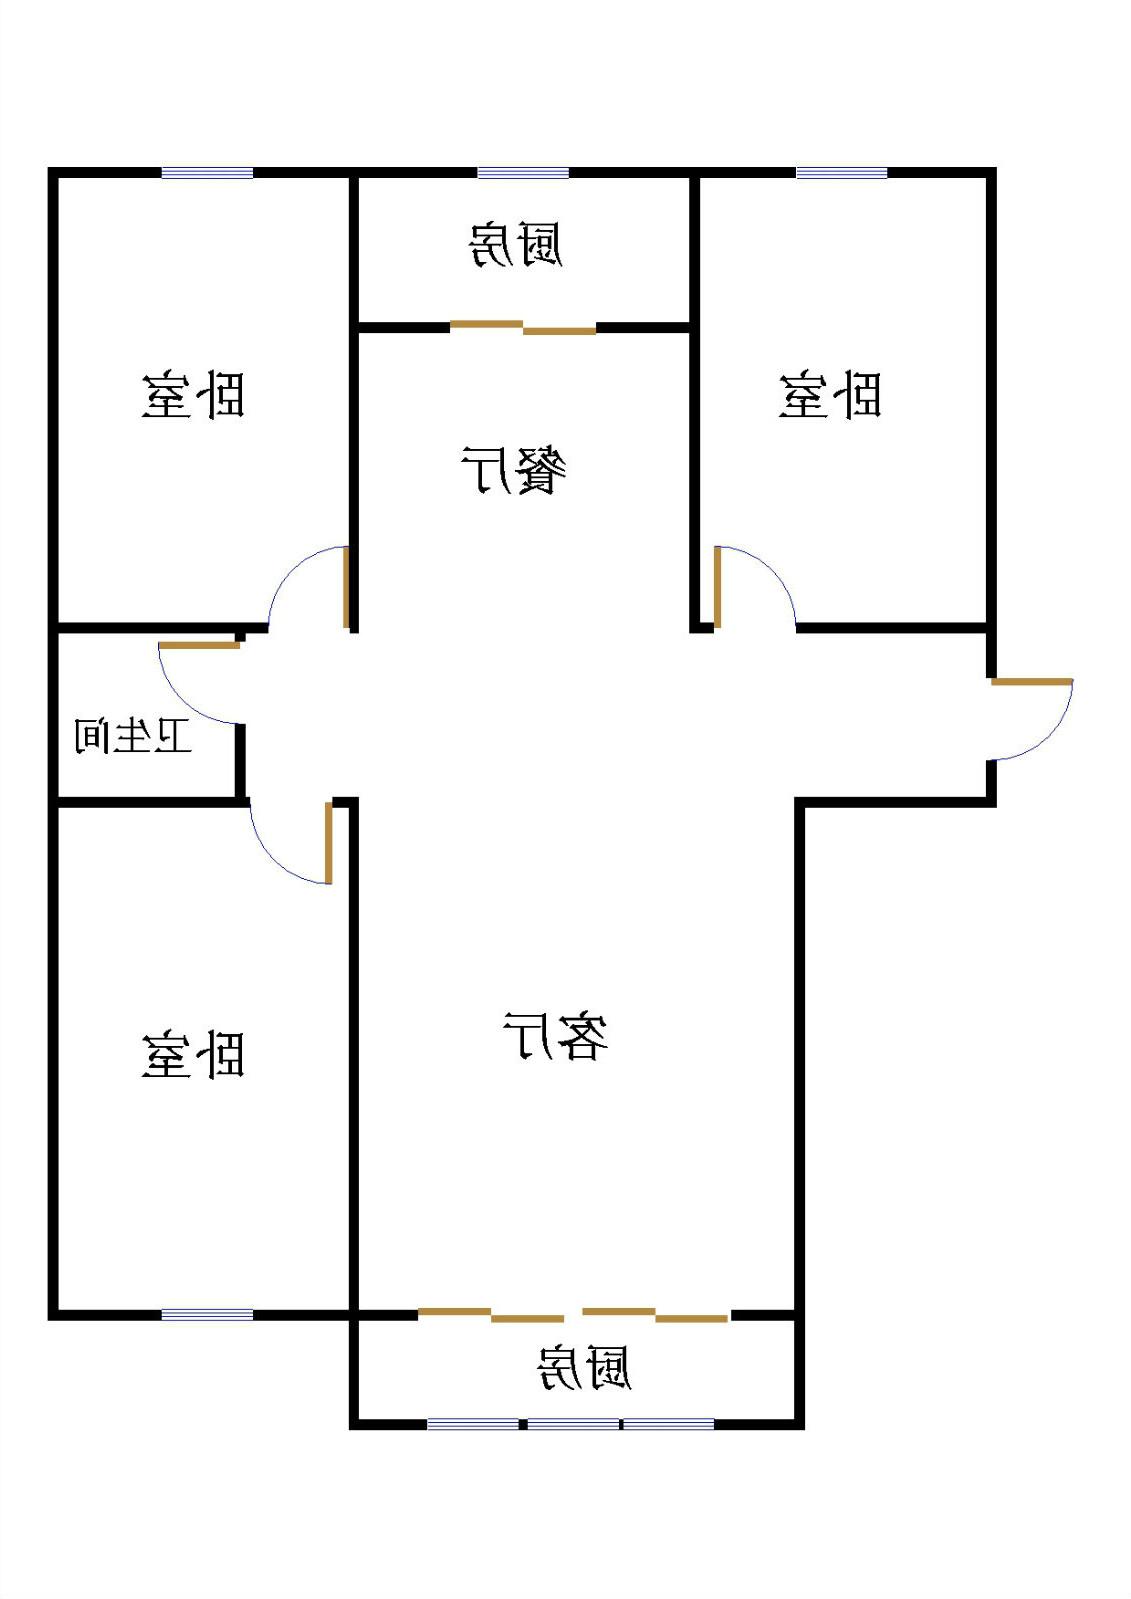 嘉城盛世 3室2厅 双证齐全 简装 135万